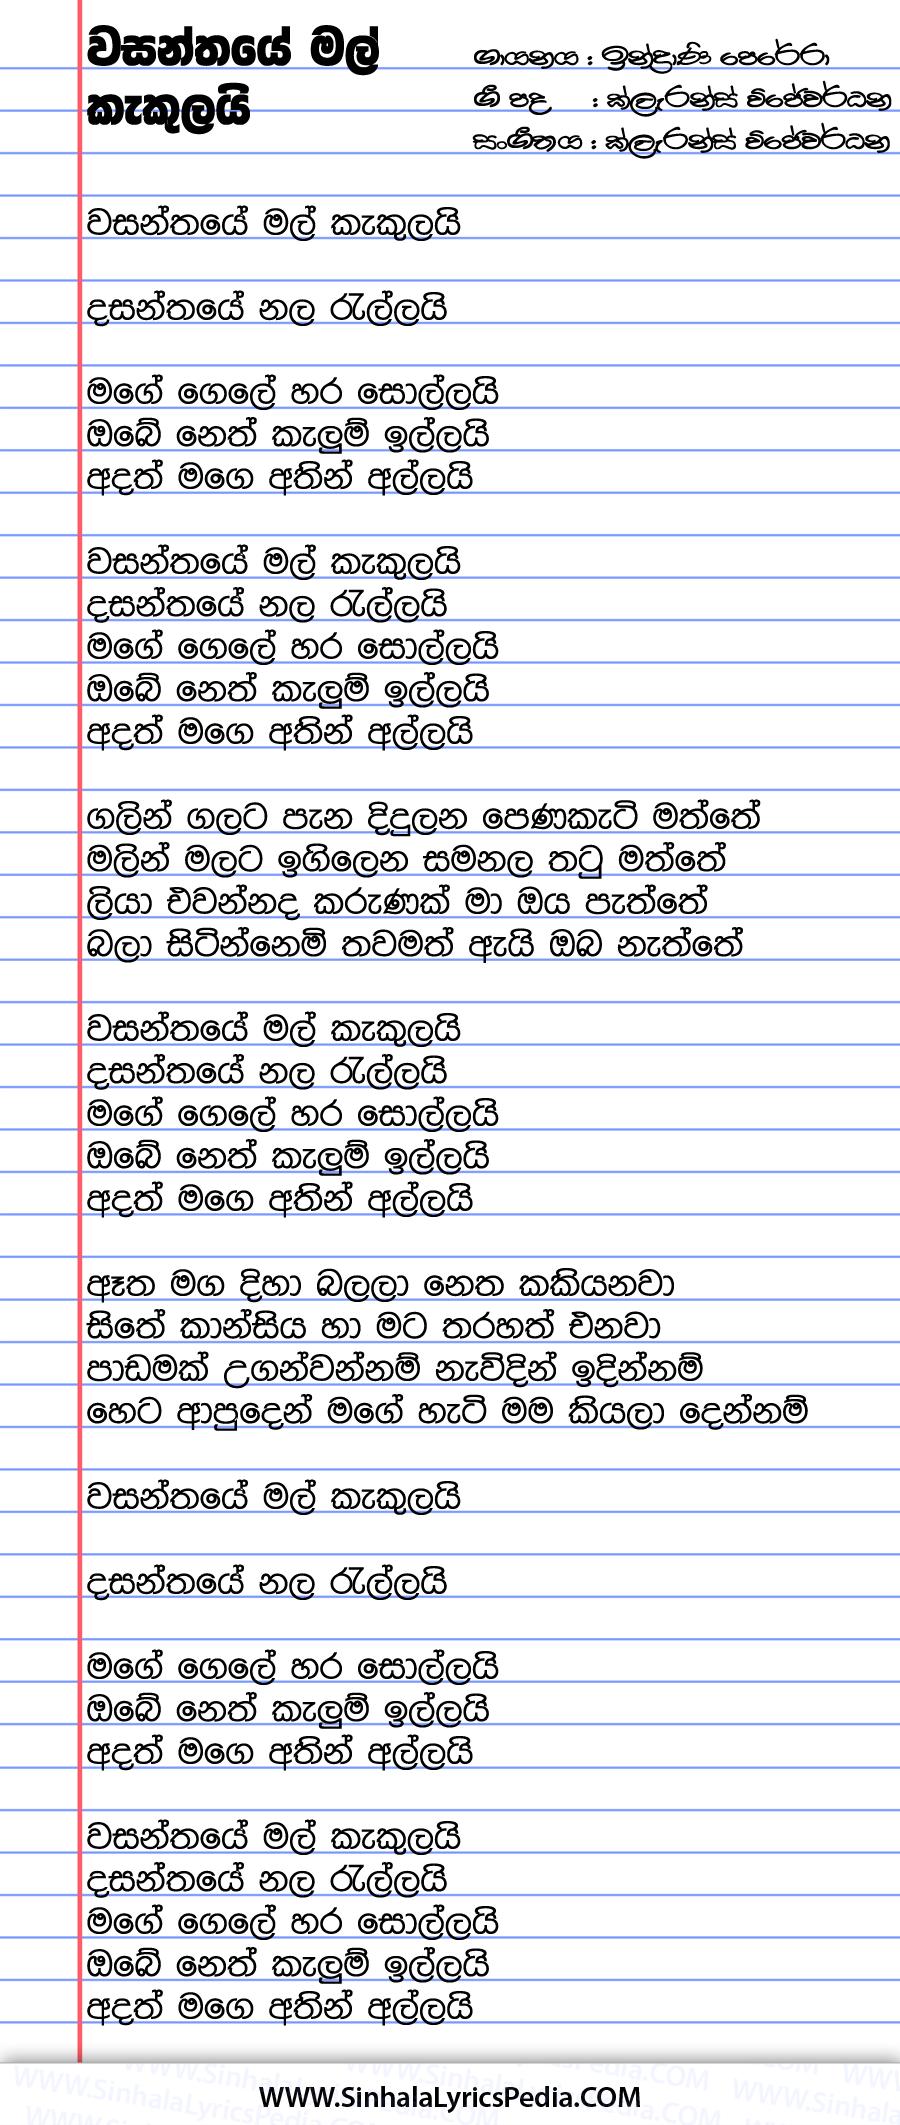 Wasanthaye Mal Kekulai Song Lyrics